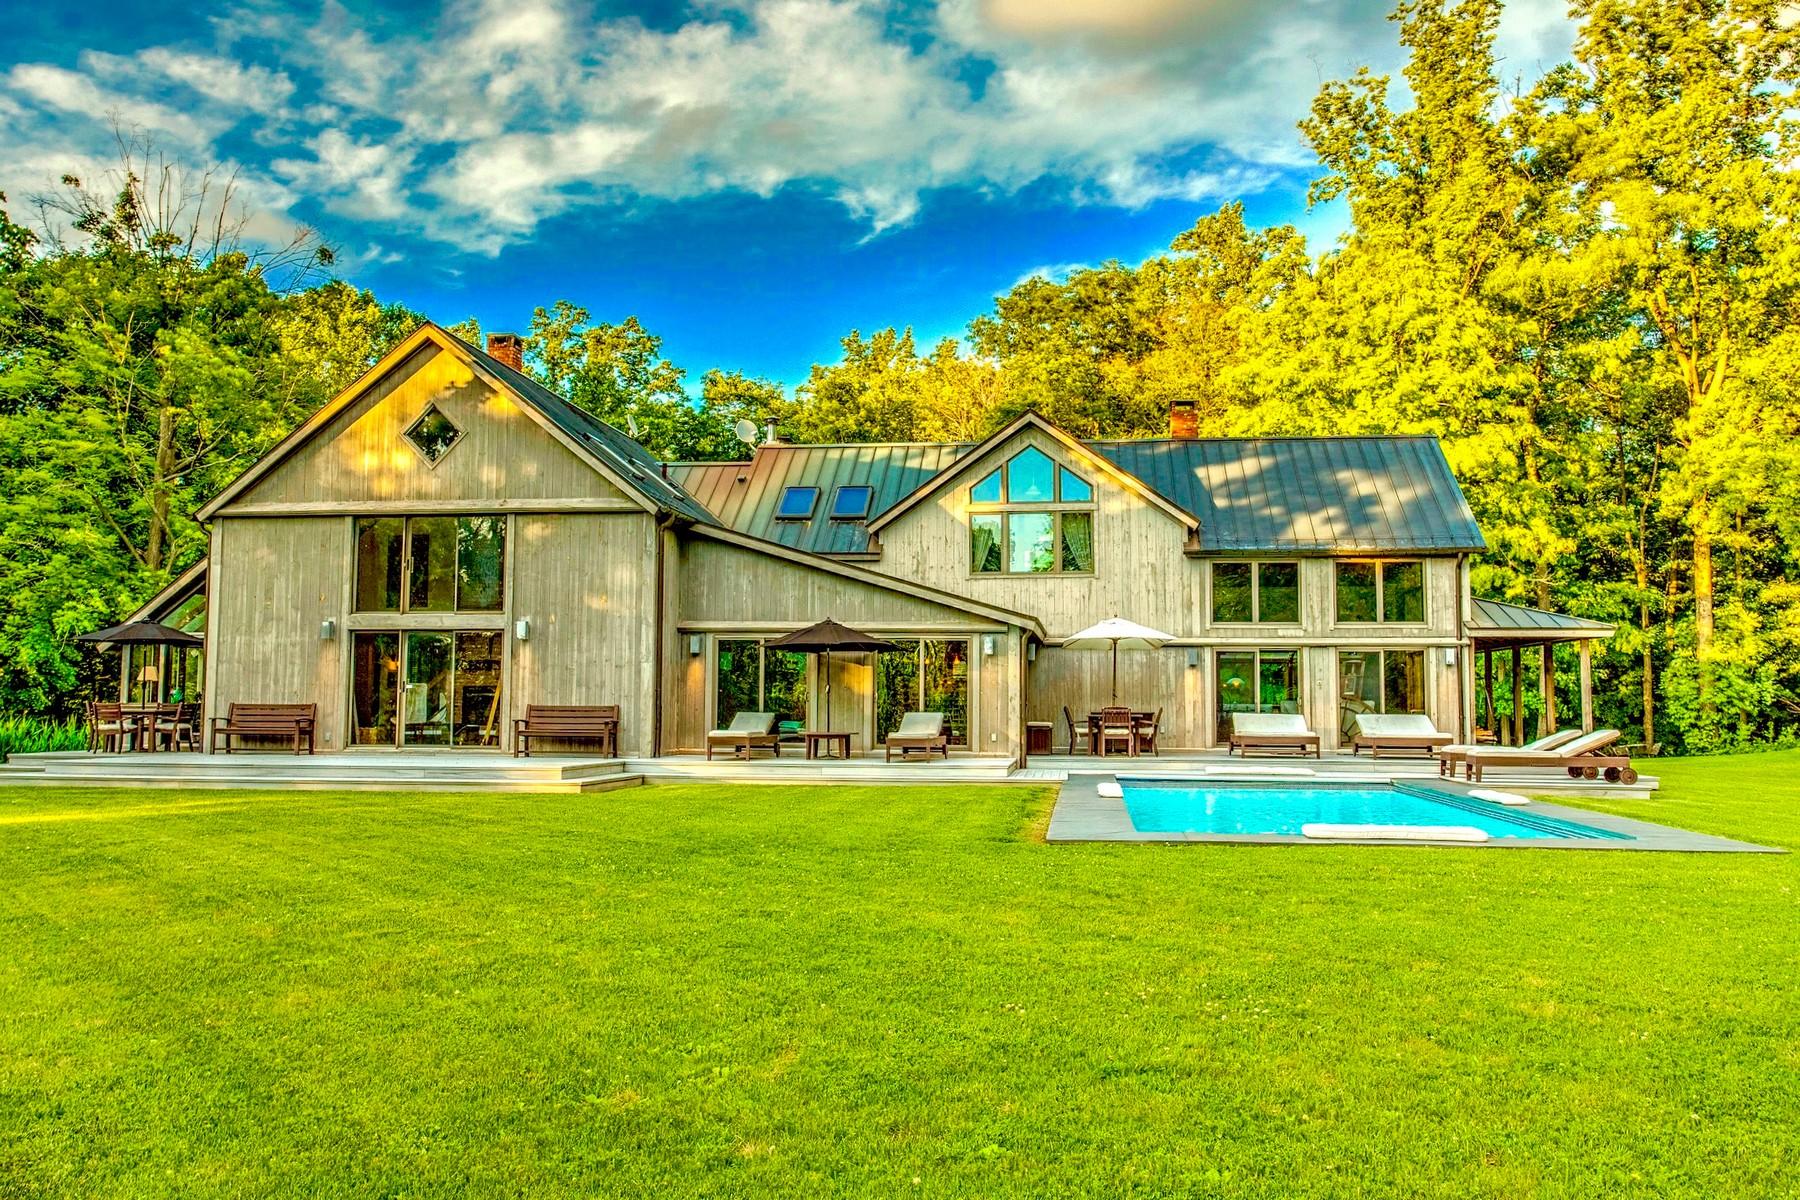 独户住宅 为 销售 在 Quintessential Country Estate 316 Avery Rd 加里森, 纽约州, 10524 美国